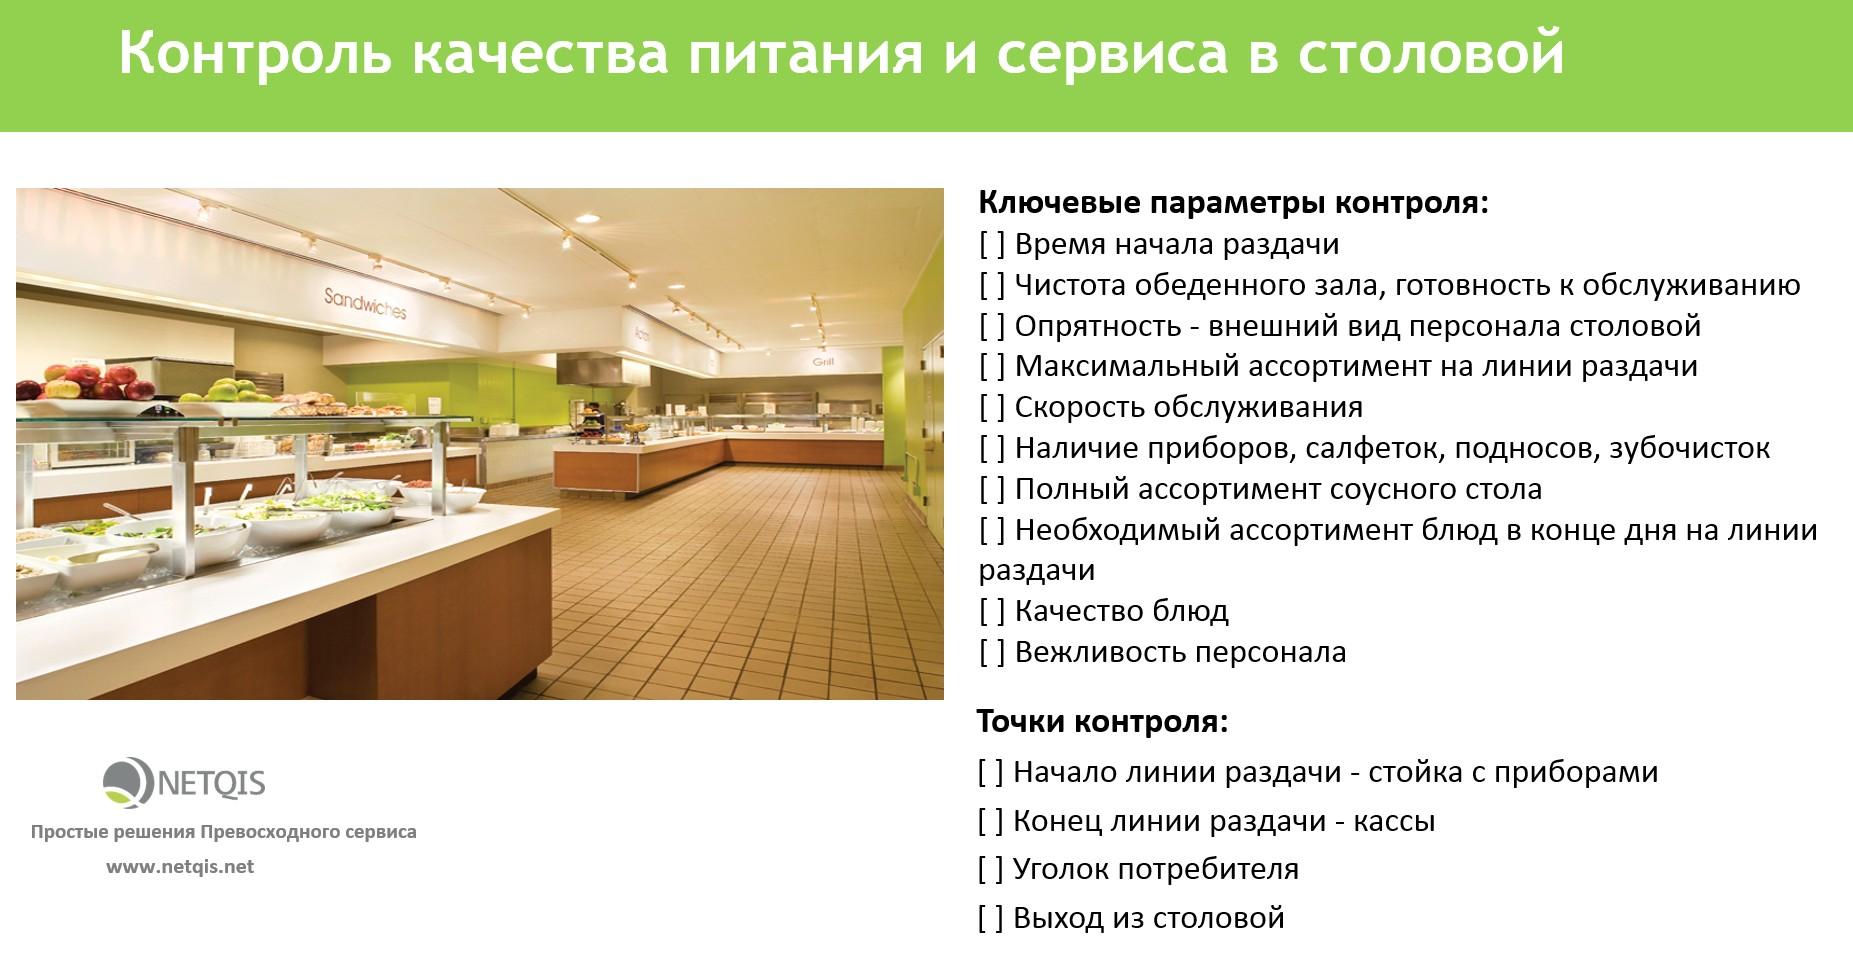 качество питания в столовой